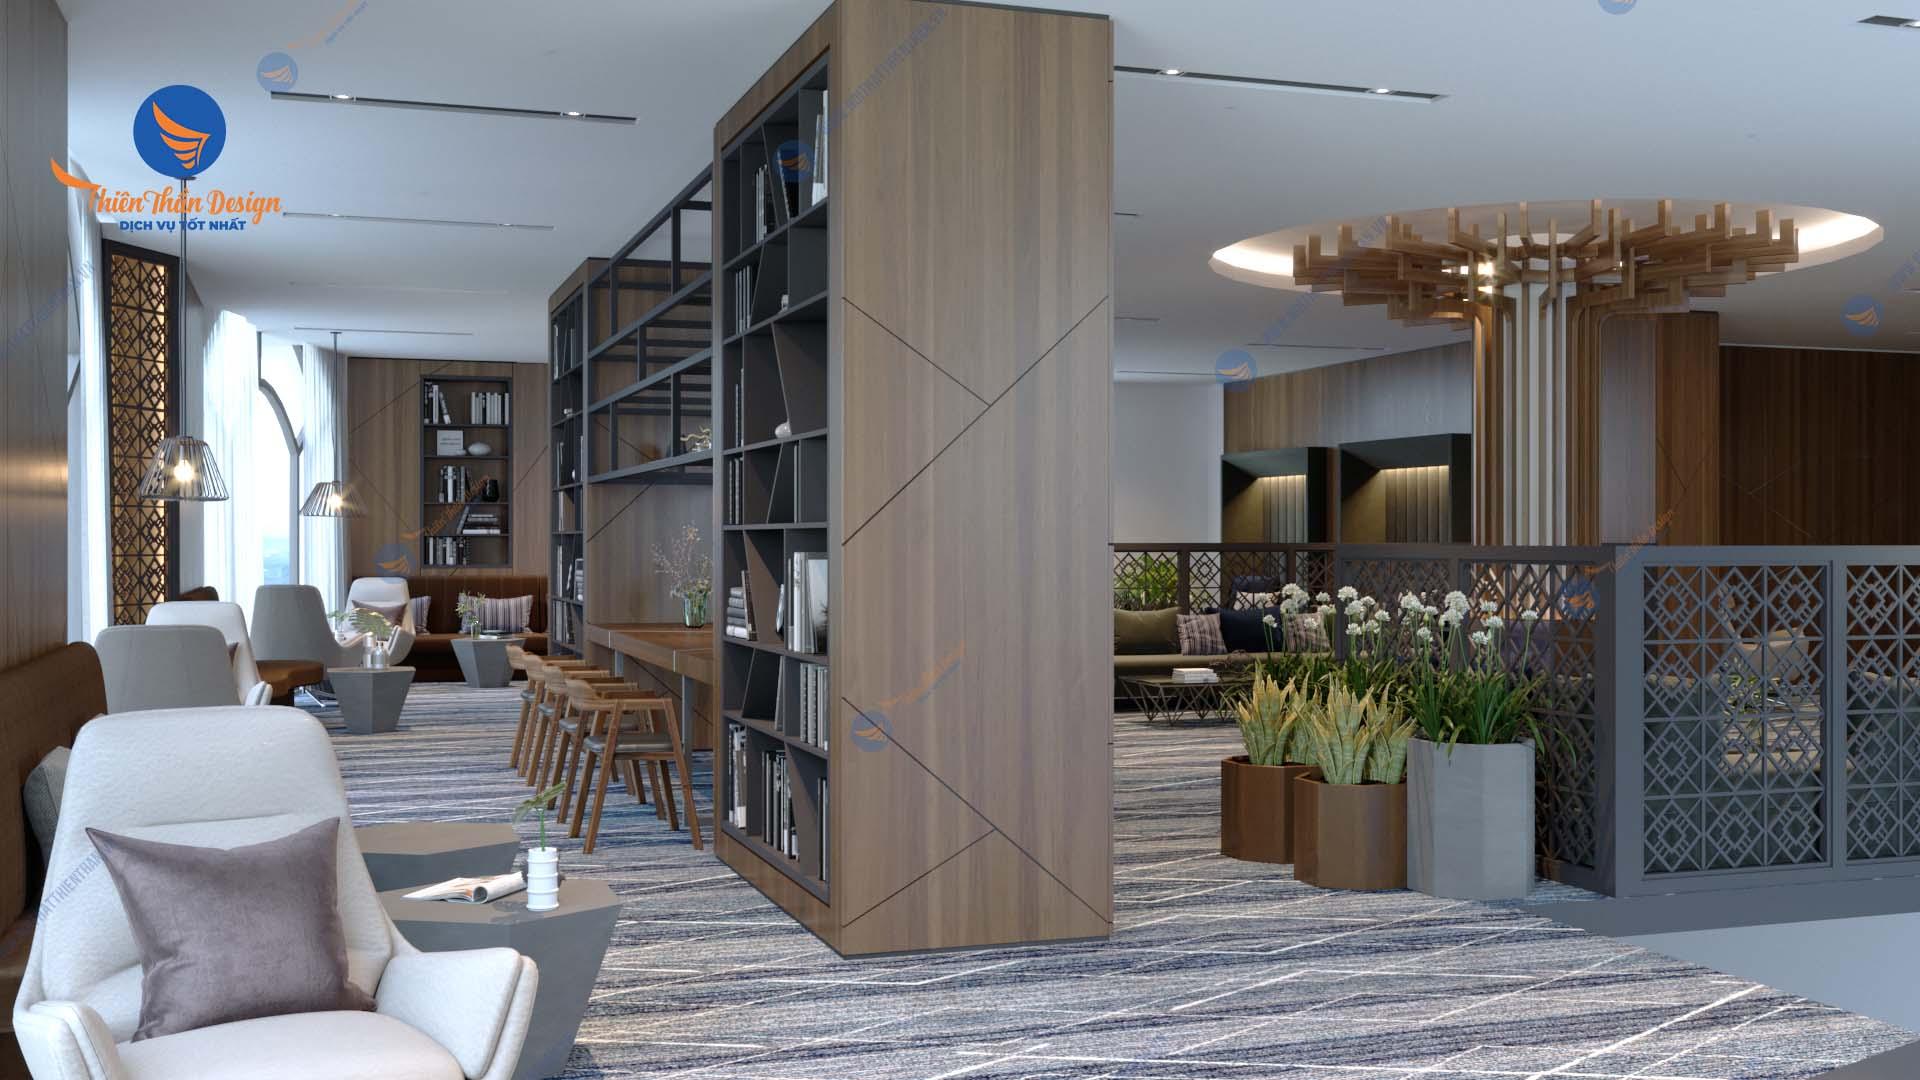 Thiết kế quán cà phê diện tích nhỏ không khó với 8 tips siêu hay